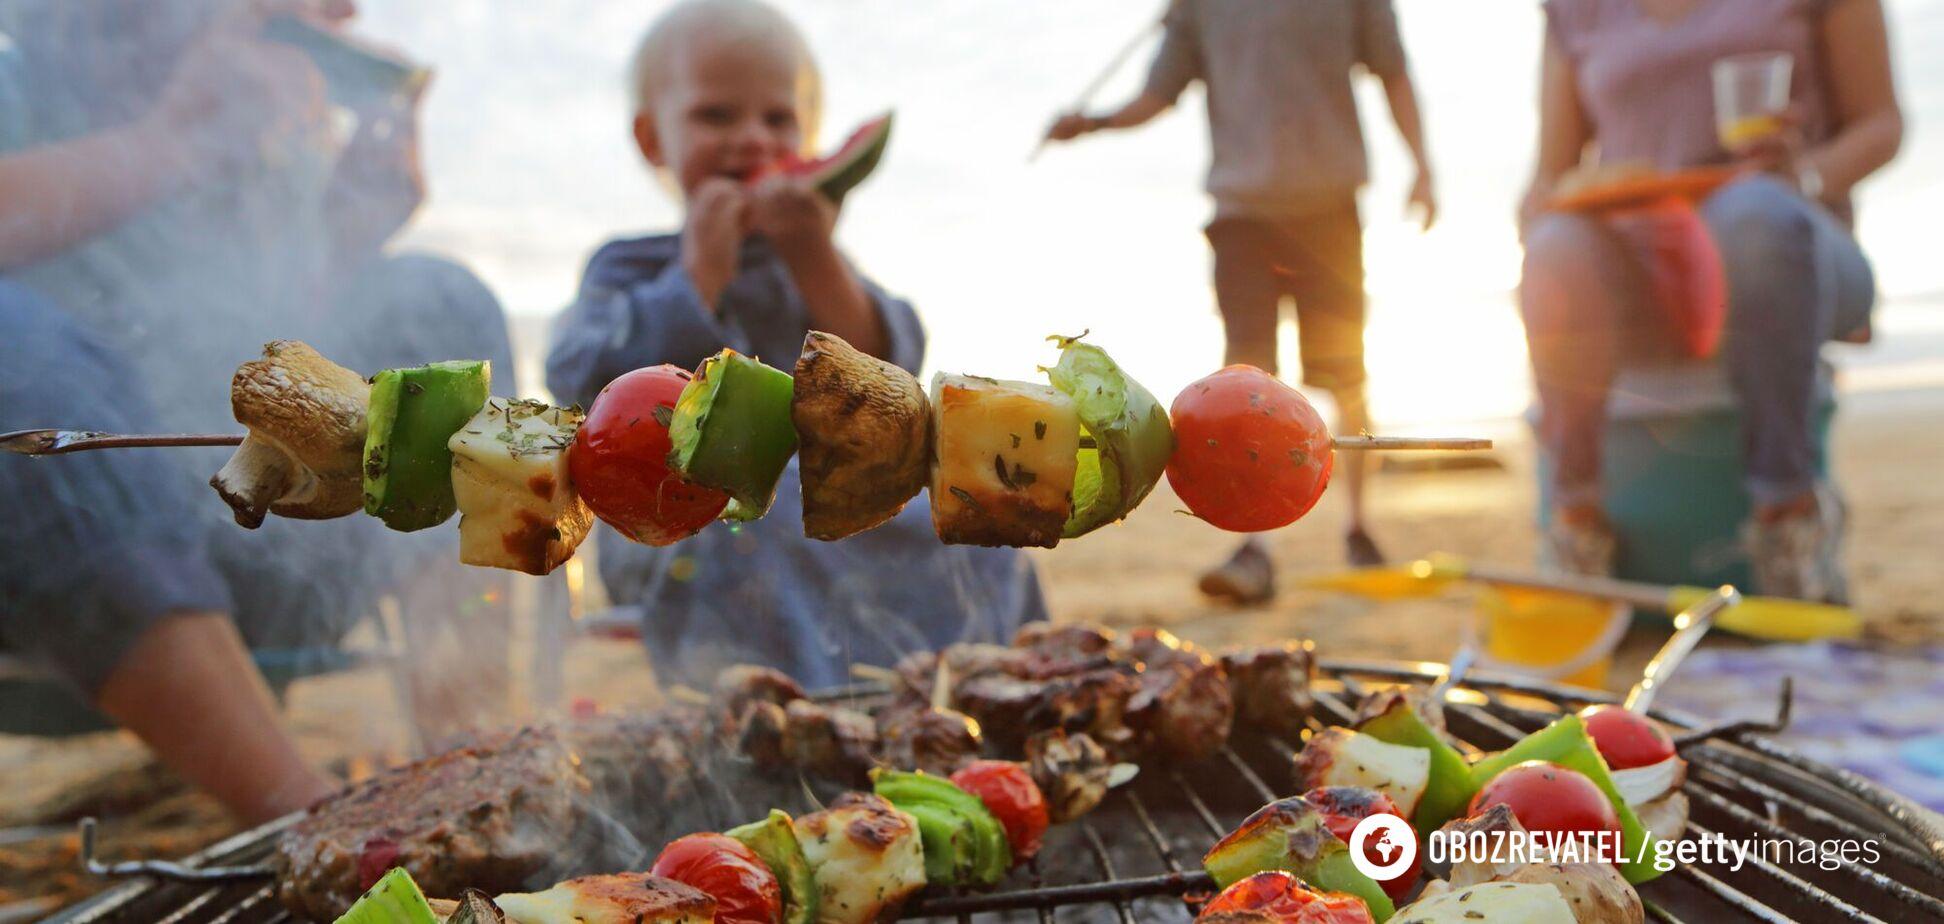 Ценовой ажиотаж перед майскими праздниками: экономист сказал, как сэкономить